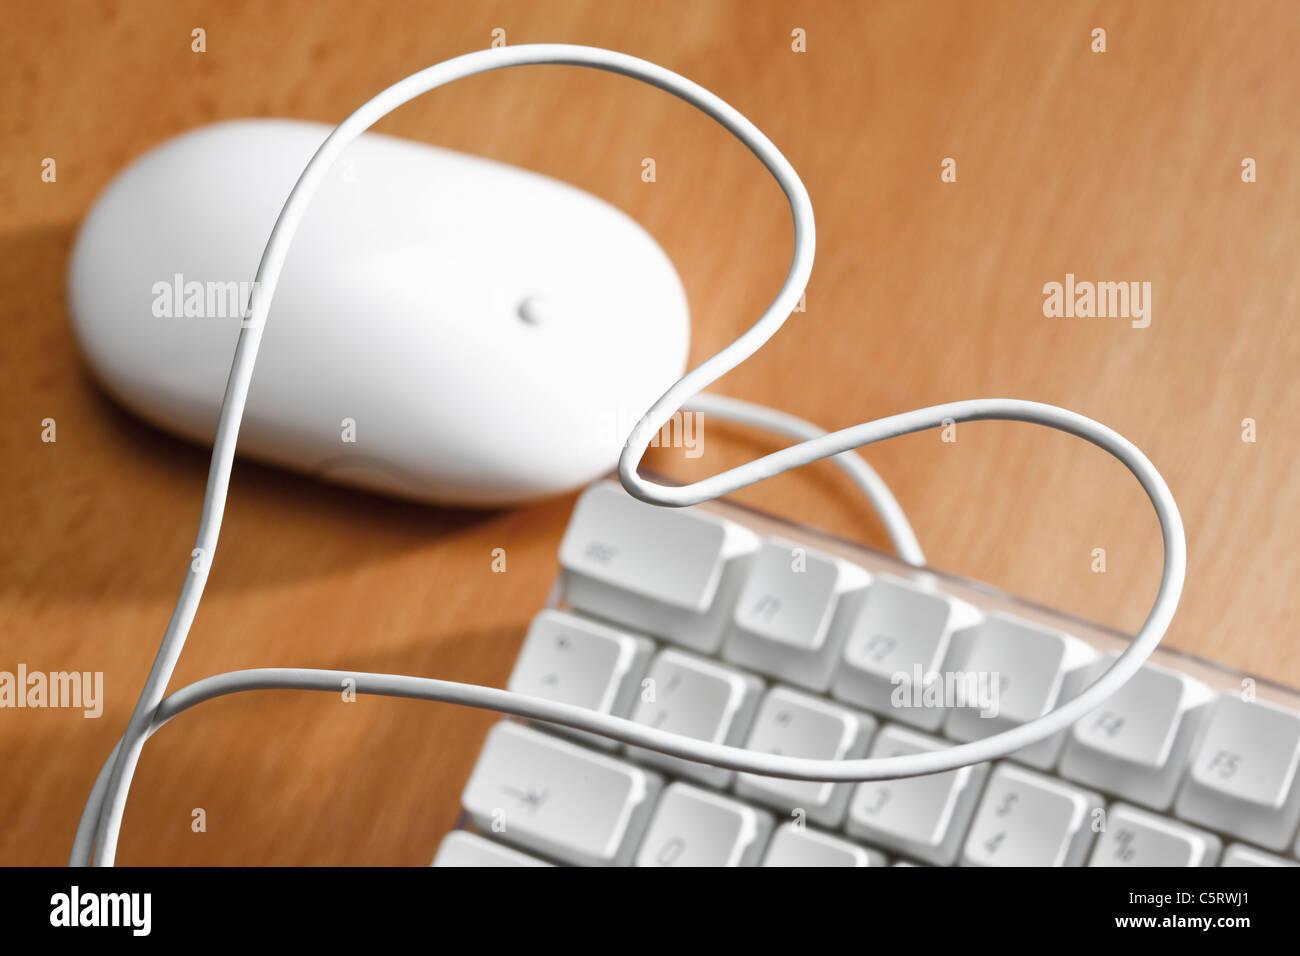 Teclado de ordenador con forma de corazón el cable, vista elevada Imagen De Stock